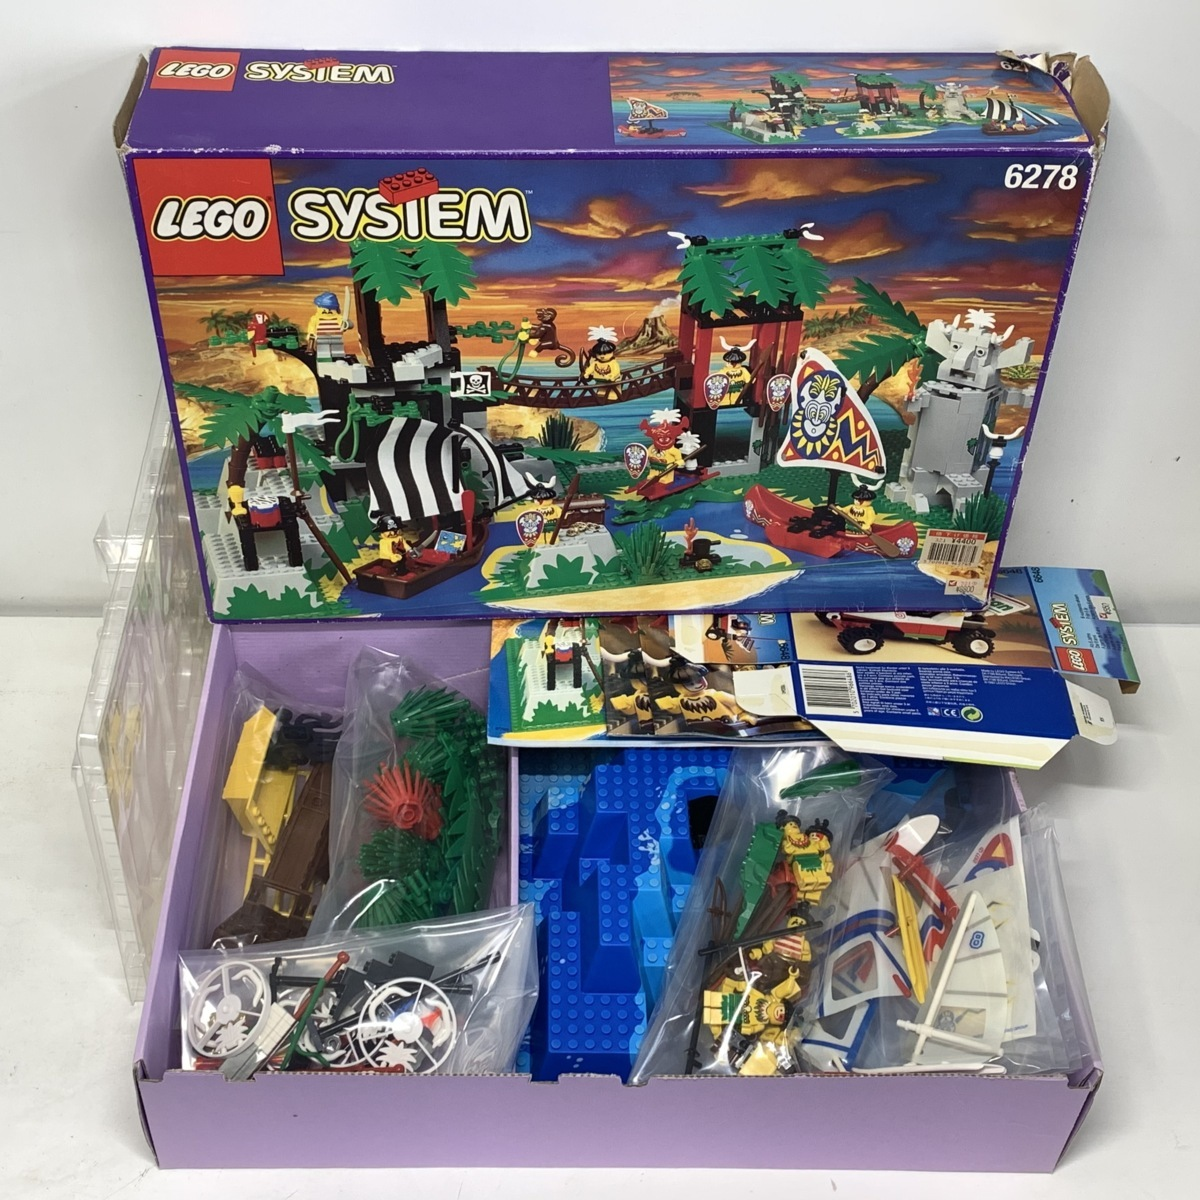 【ジャンク】LEGO レゴ 6278 オロンガ島<元箱 取説付き>南海の勇者 ロンゴ族◆6195 アクアノーツ海底基地 ベースプレート □